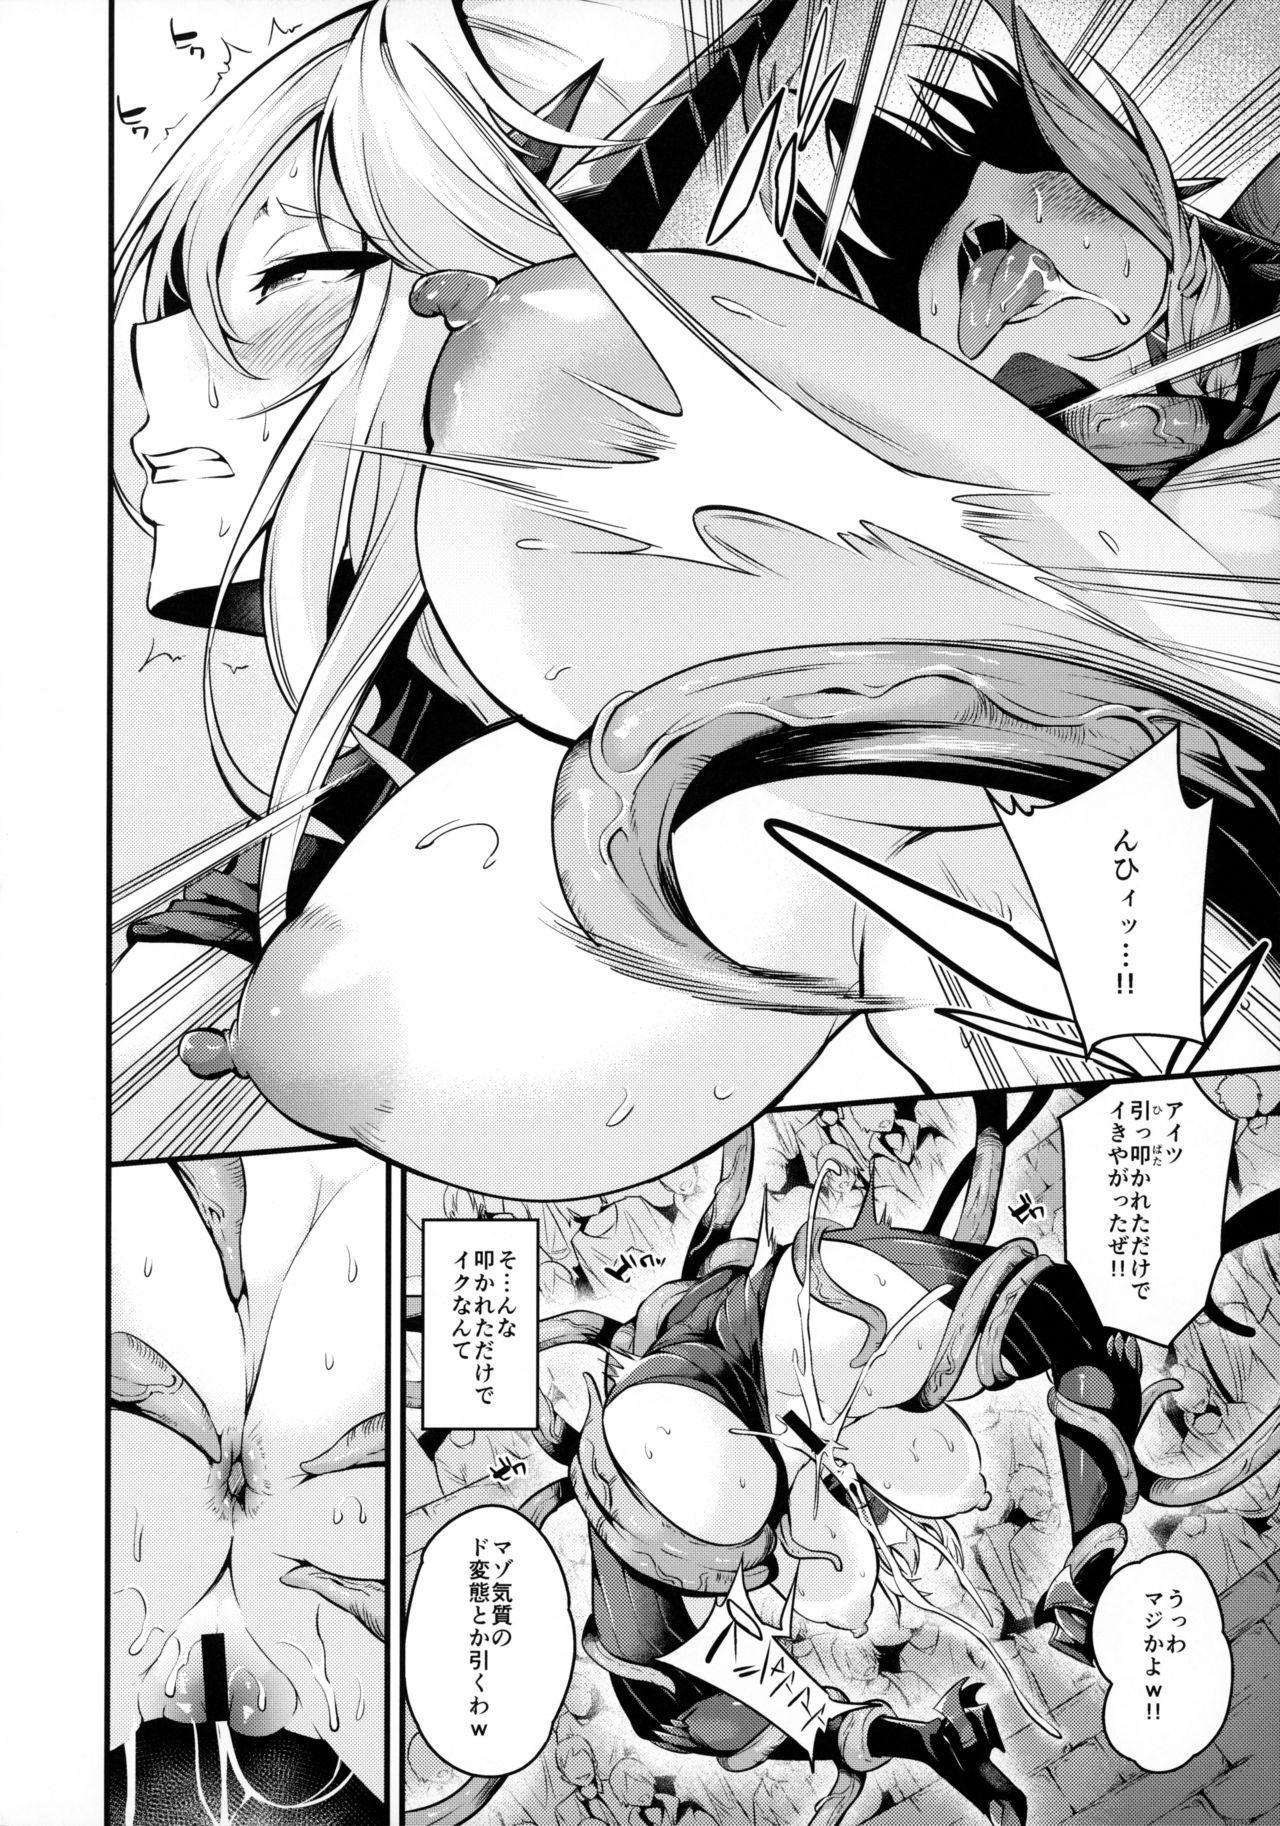 Chichiue ga Buzama Haiboku Shita Hi 15